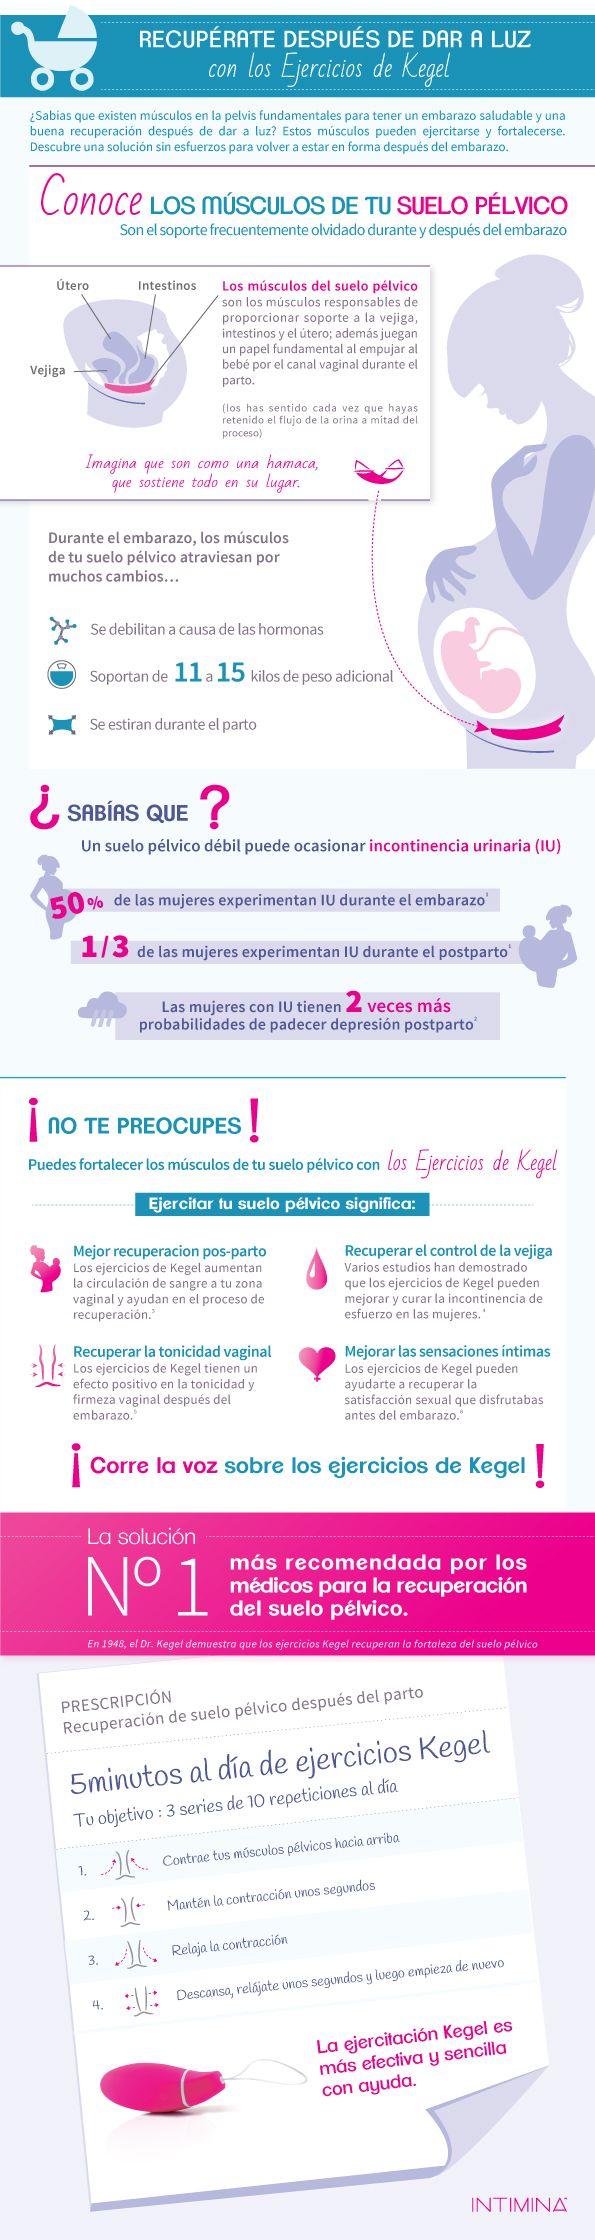 ¿sabías que una de cada tres mujeres tienen incontinencia urinaria tras el parto? Una buena rehabilitación postparto es esencial. #Matterna